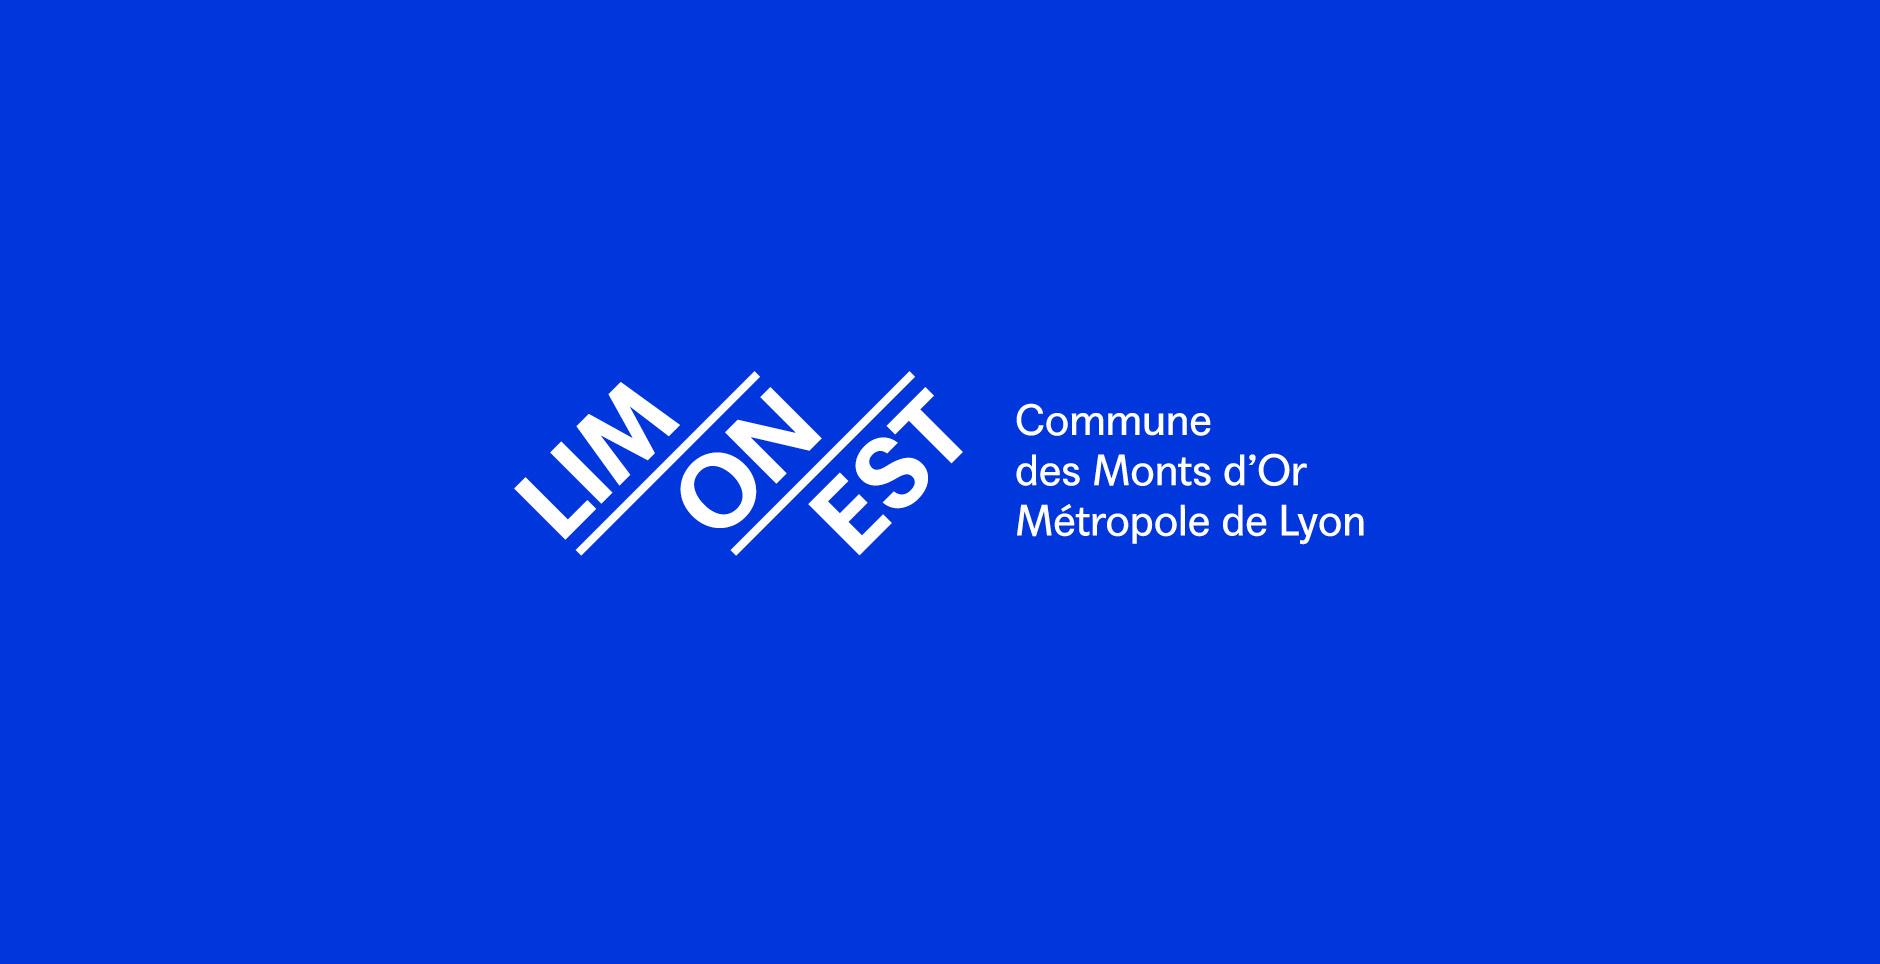 Logo de la ville de Limonest - Métropole de Lyon